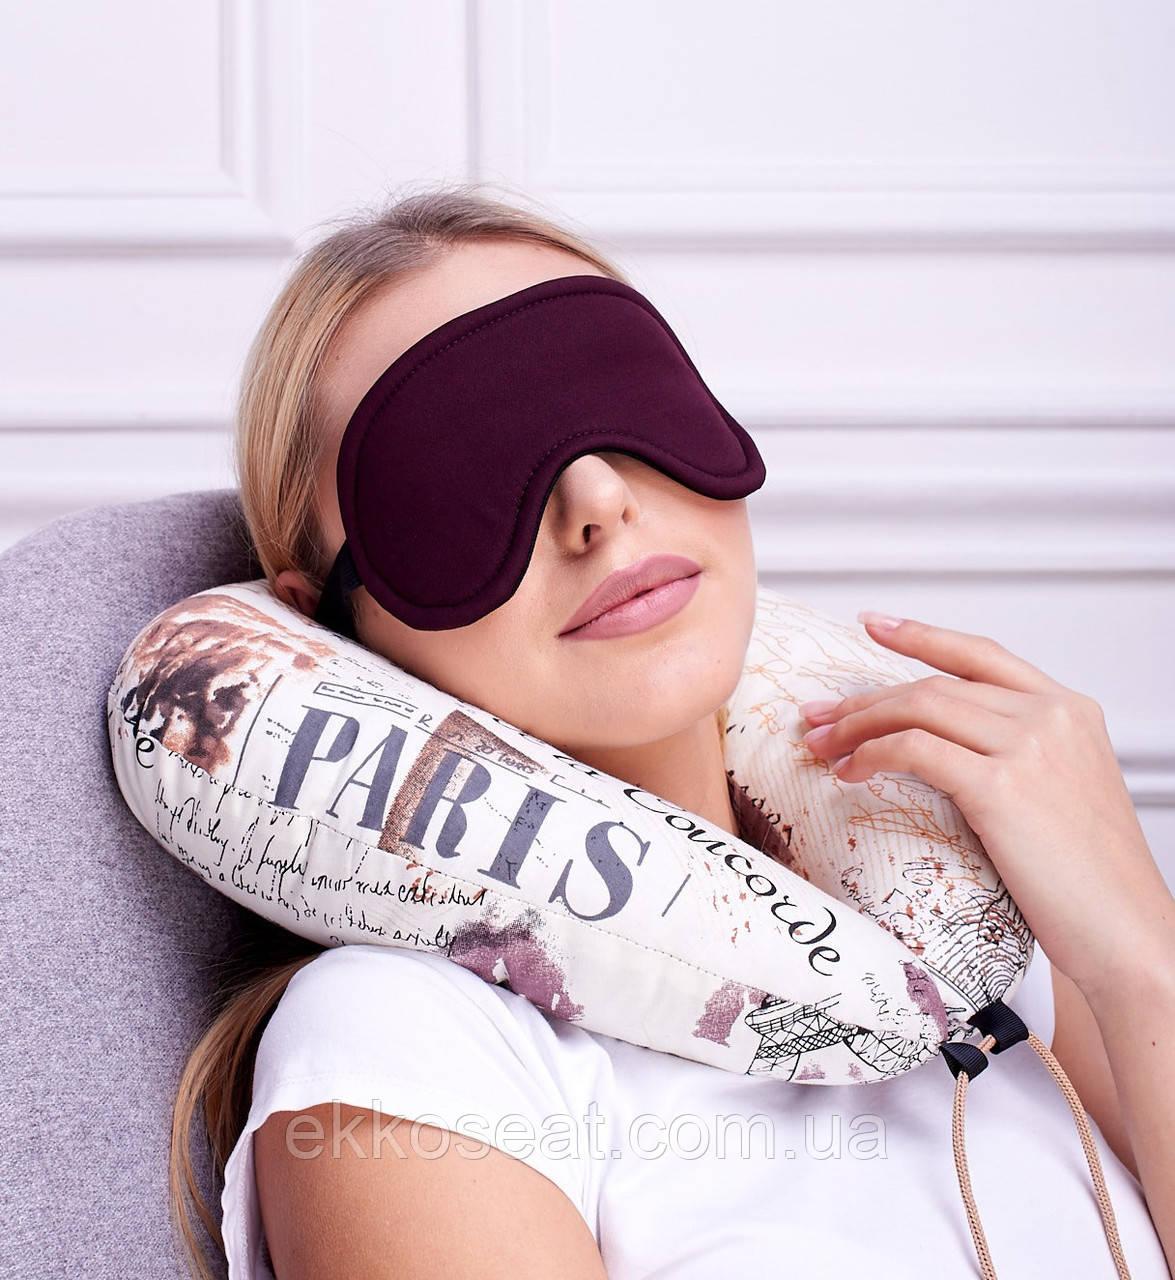 Подушка для путешествий EKKOSEAT дорожная для шеи с маской. Париж. Бинарная с велюровой вставкой под шею